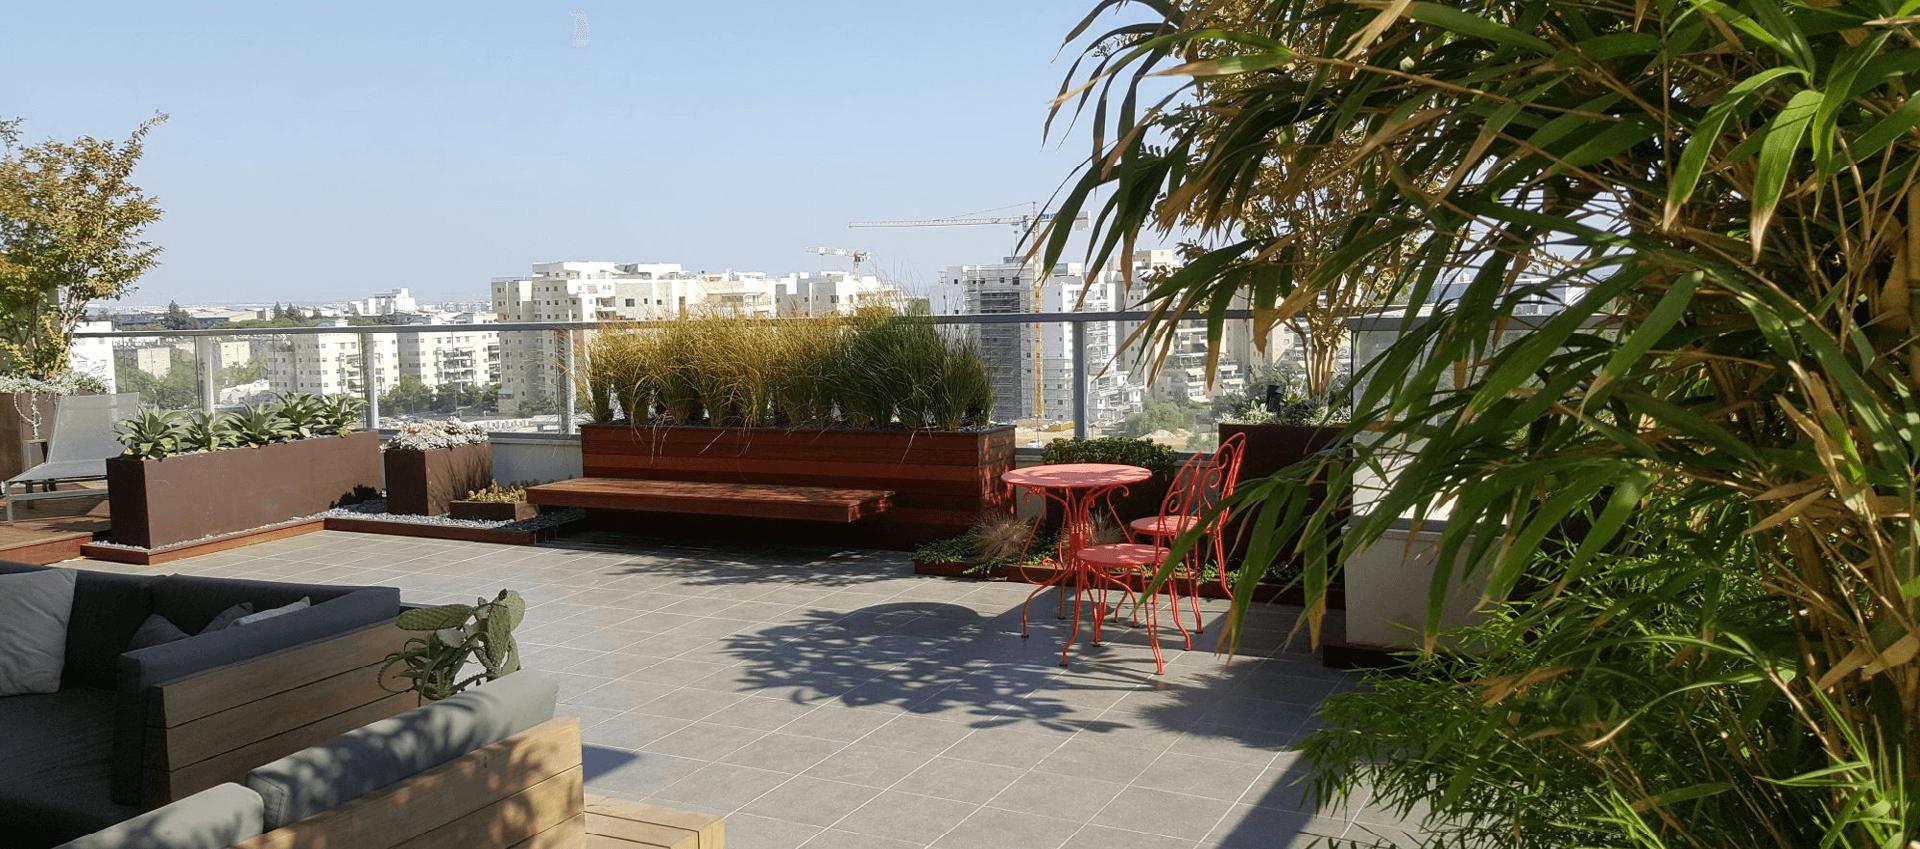 גינה במרפסת הבייתית